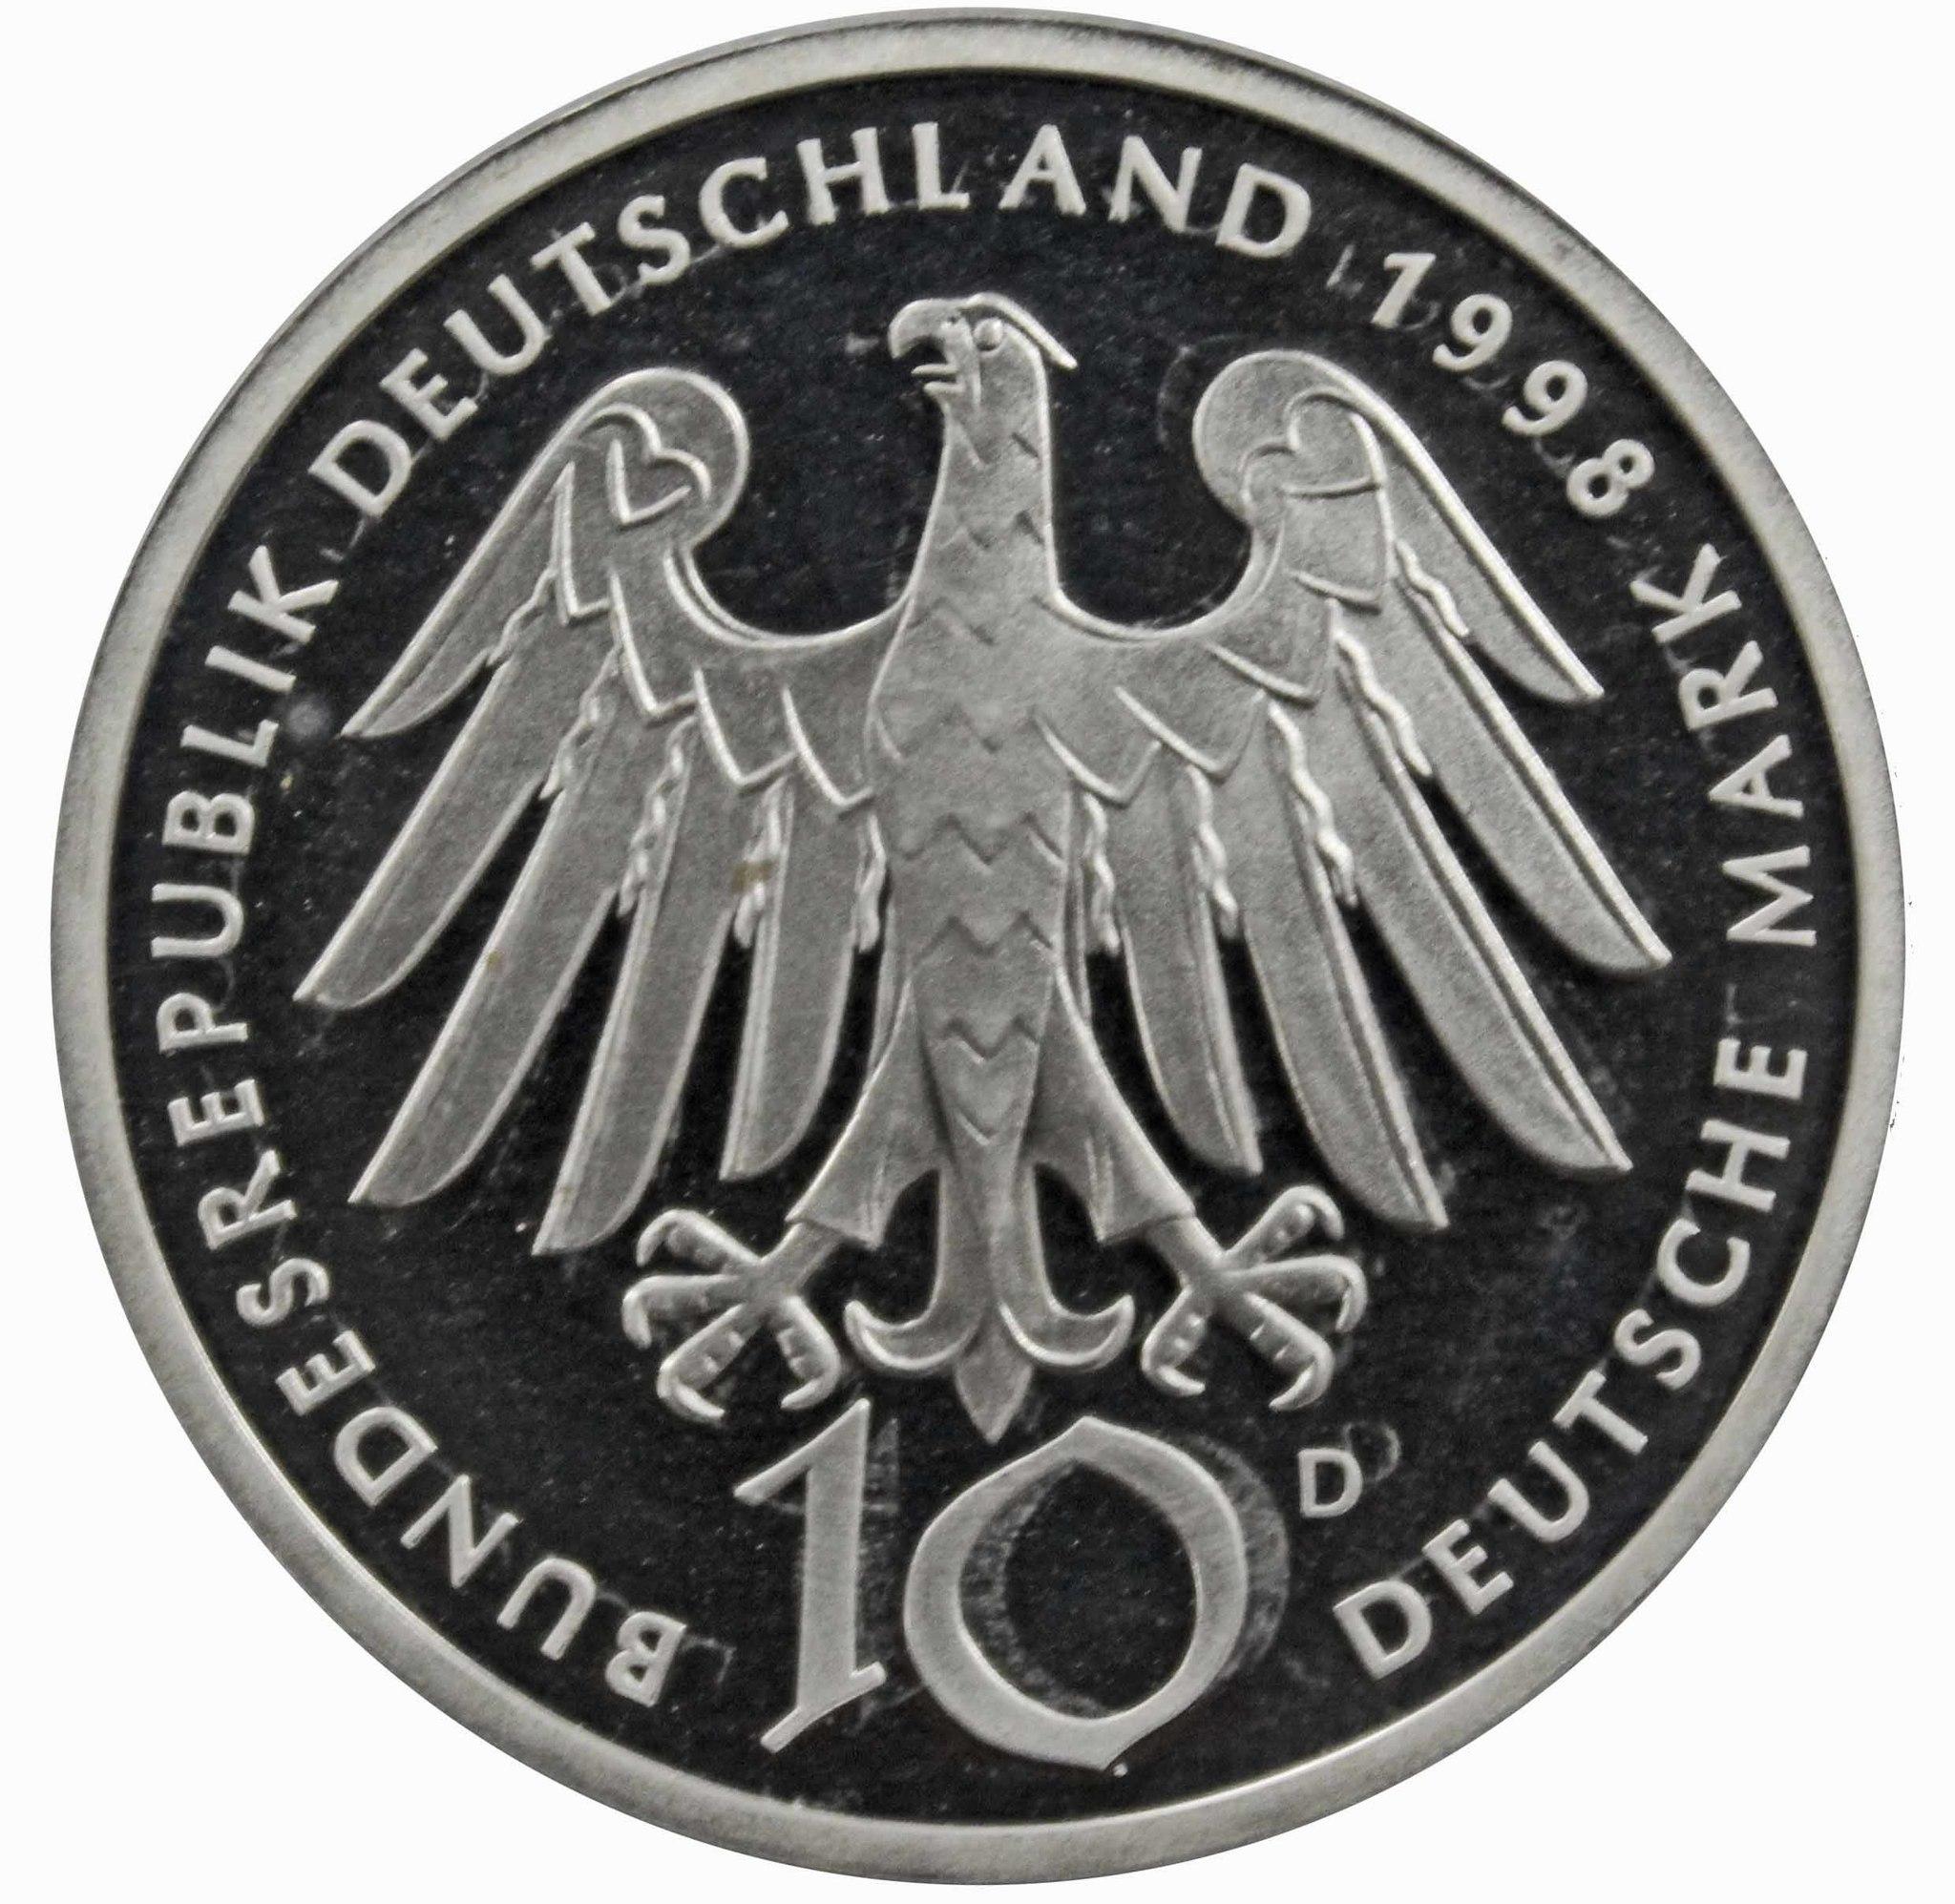 10 марок. 900 лет со дня рождения Хильдегард из Бингена (D) Серебро. 1998 г. PROOF. В родной запайке